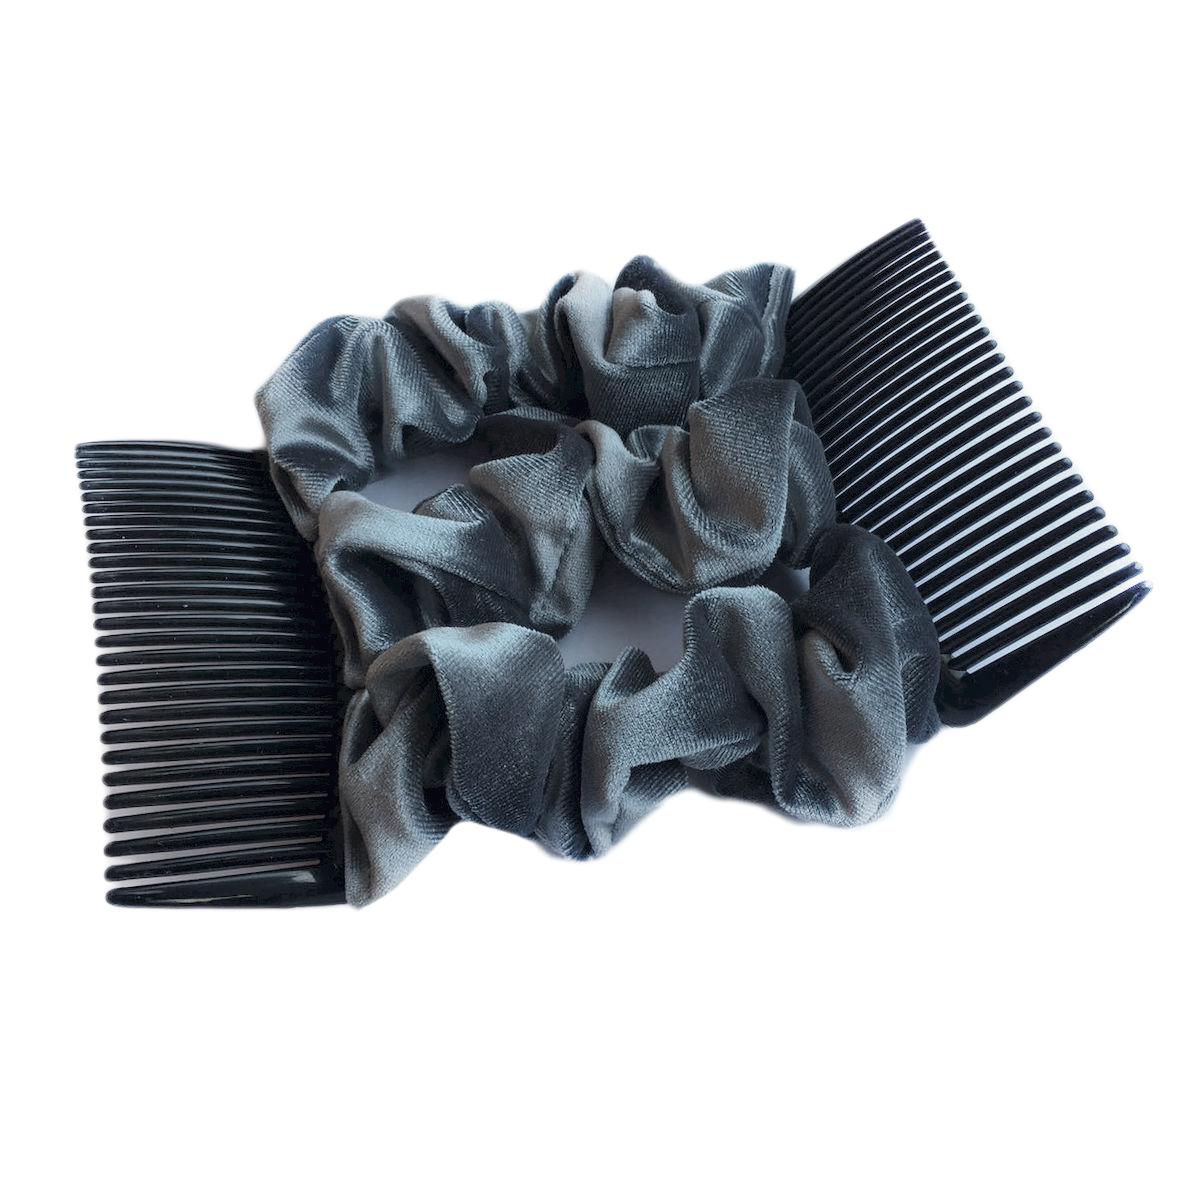 Montar Заколка Монтар, сераяЗМТ_срУдобная и практичная MONTAR напоминает Изи Коум. Подходит для любого типа волос: тонких, жестких, вьющихся или прямых, и не наносит им никакого вреда. Заколка не мешает движениям головы и не создает дискомфорта, когда вы отдыхаете или управляете автомобилем. Каждый гребень имеет по 20 зубьев для надежной фиксации заколки на волосах! И даже во время бега и интенсивных тренировок в спортзале Изи Коум не падает; она прочно фиксирует прическу, сохраняя укладку в первозданном виде. Небольшая и легкая заколка поместится в любой дамской сумочке, позволяя быстро и без особых усилий создавать неповторимые прически там, где вам это удобно. Гребень прекрасно сочетается с любой одеждой: будь это классический или спортивный стиль, завершая гармоничный облик современной леди. И неважно, какой образ жизни вы ведете, если у вас есть MONTAR, вы всегда будете выглядеть потрясающе. Применение: 1) Вставьте один из гребней под прическу вогнутой стороной к поверхности головы. ...